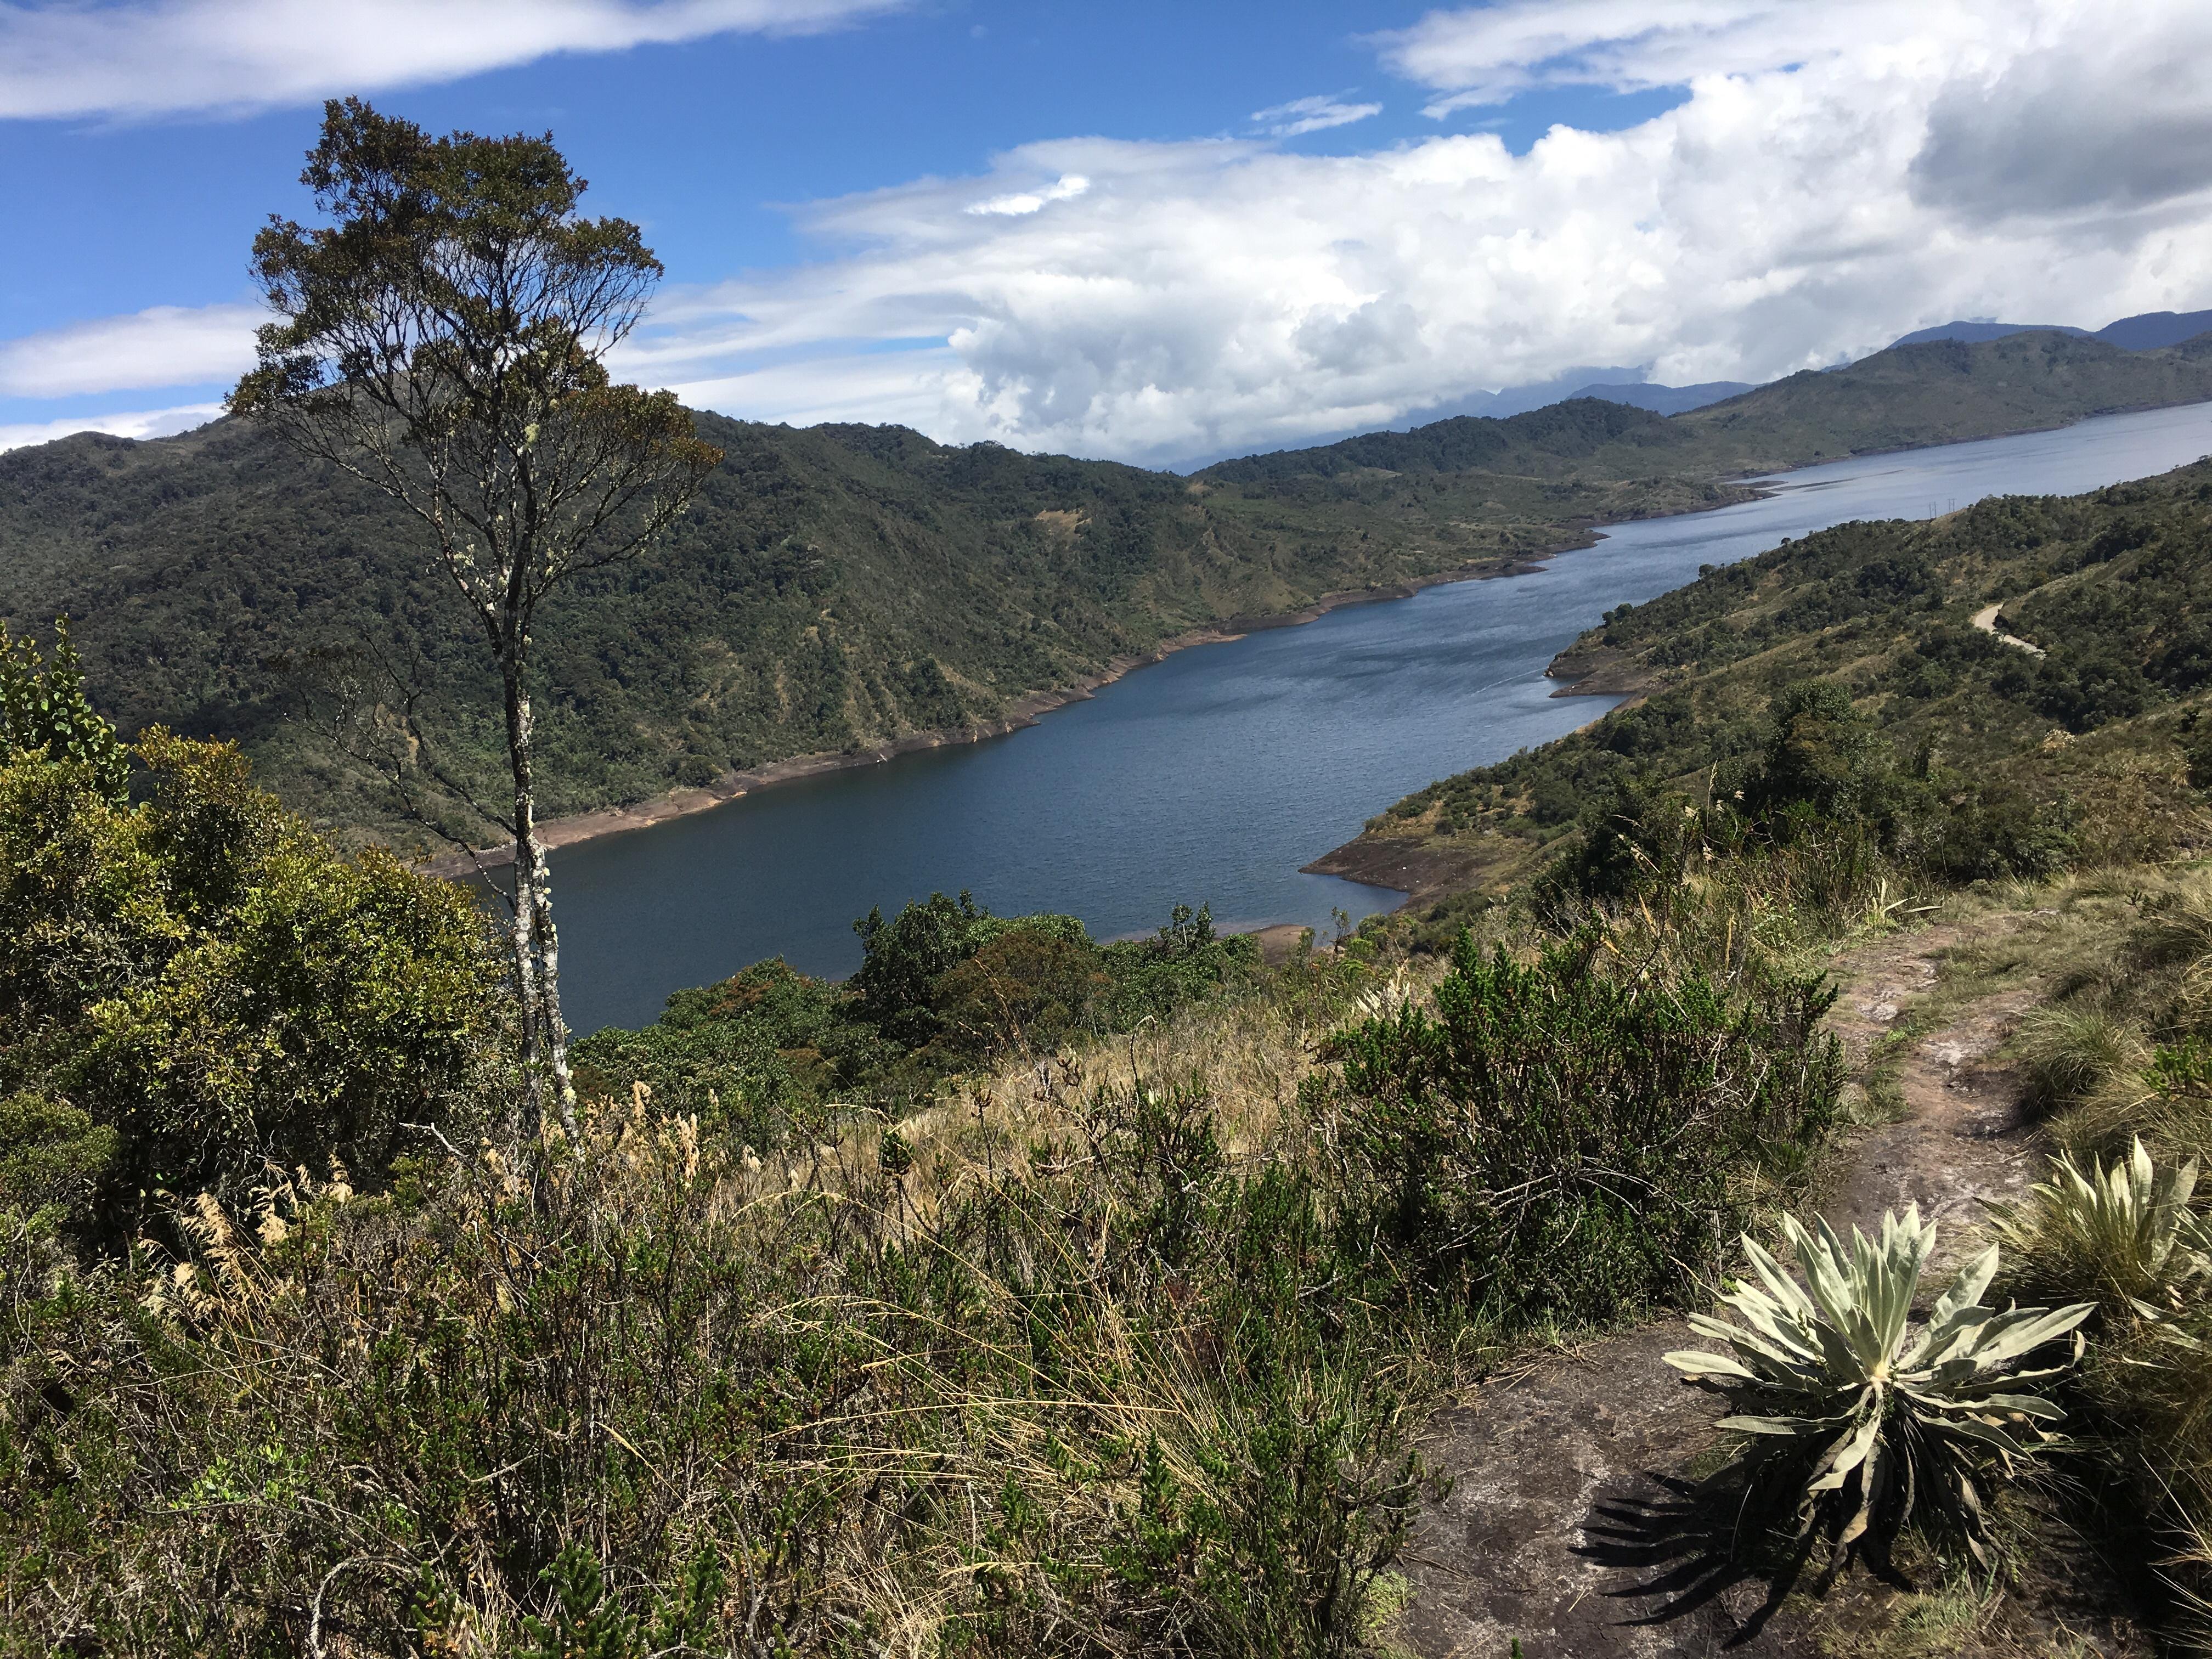 El Parque Nacional Natural Chingaza no solo es un lugar muy lindo. También es muy importante para Colombia, pues provee el 70% del agua que consumen Bogotá -con unos 8 millones de habitantes- y varios municipios cercanos.